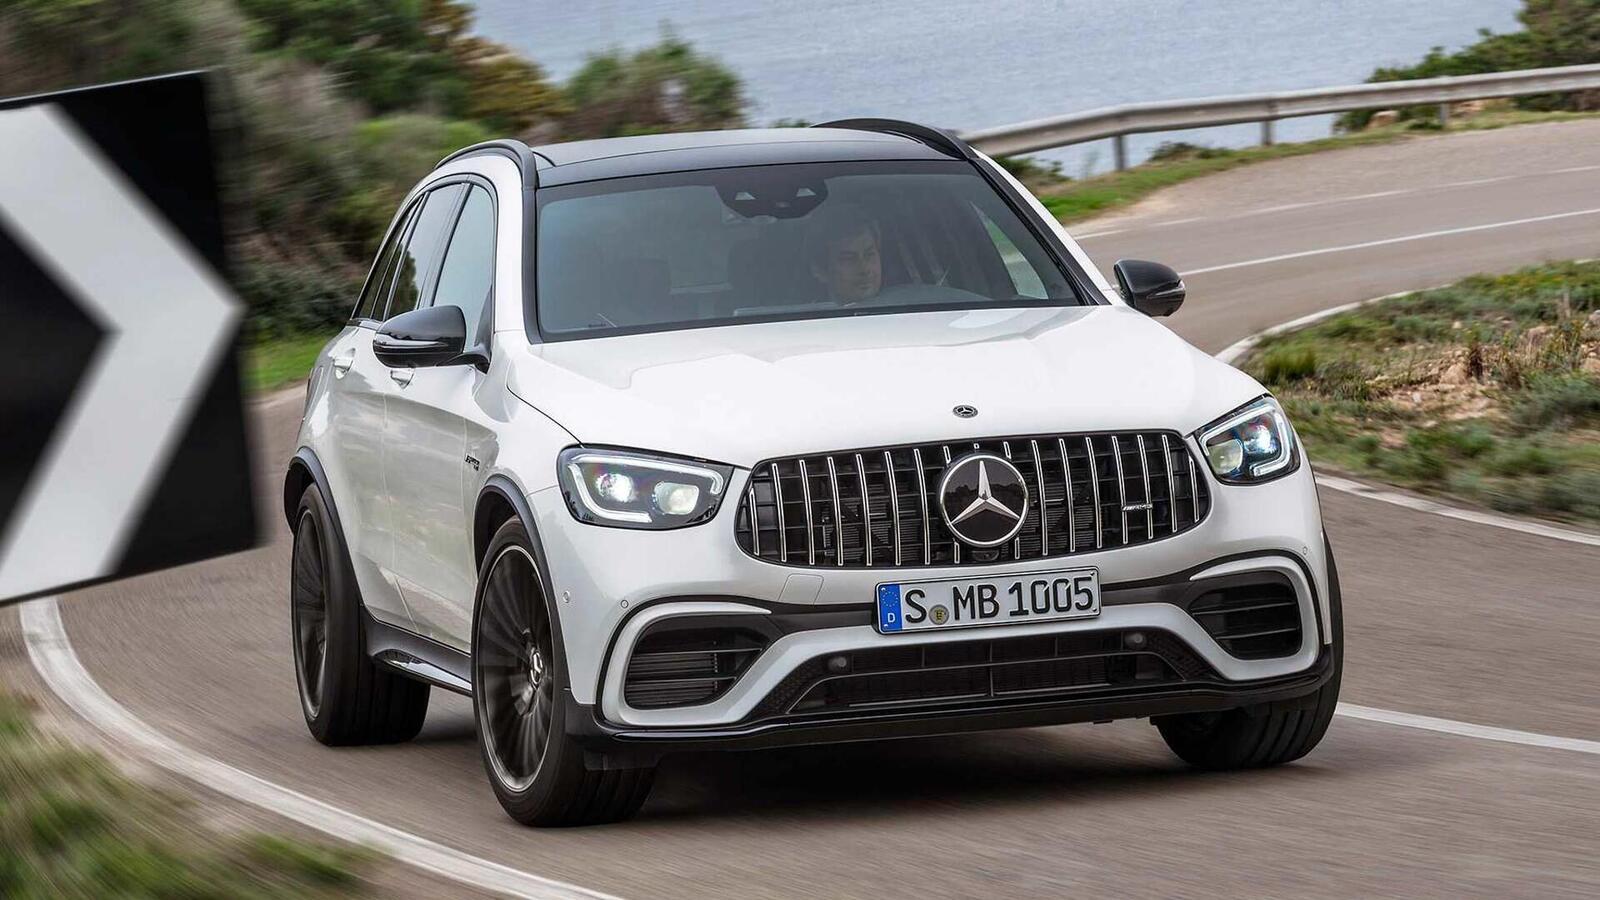 Mercedes-AMG giới thiệu GLC và GLC Coupe 63 mới lắp động cơ V8 4.0L Biturbo mạnh hơn 460 mã lực - Hình 4